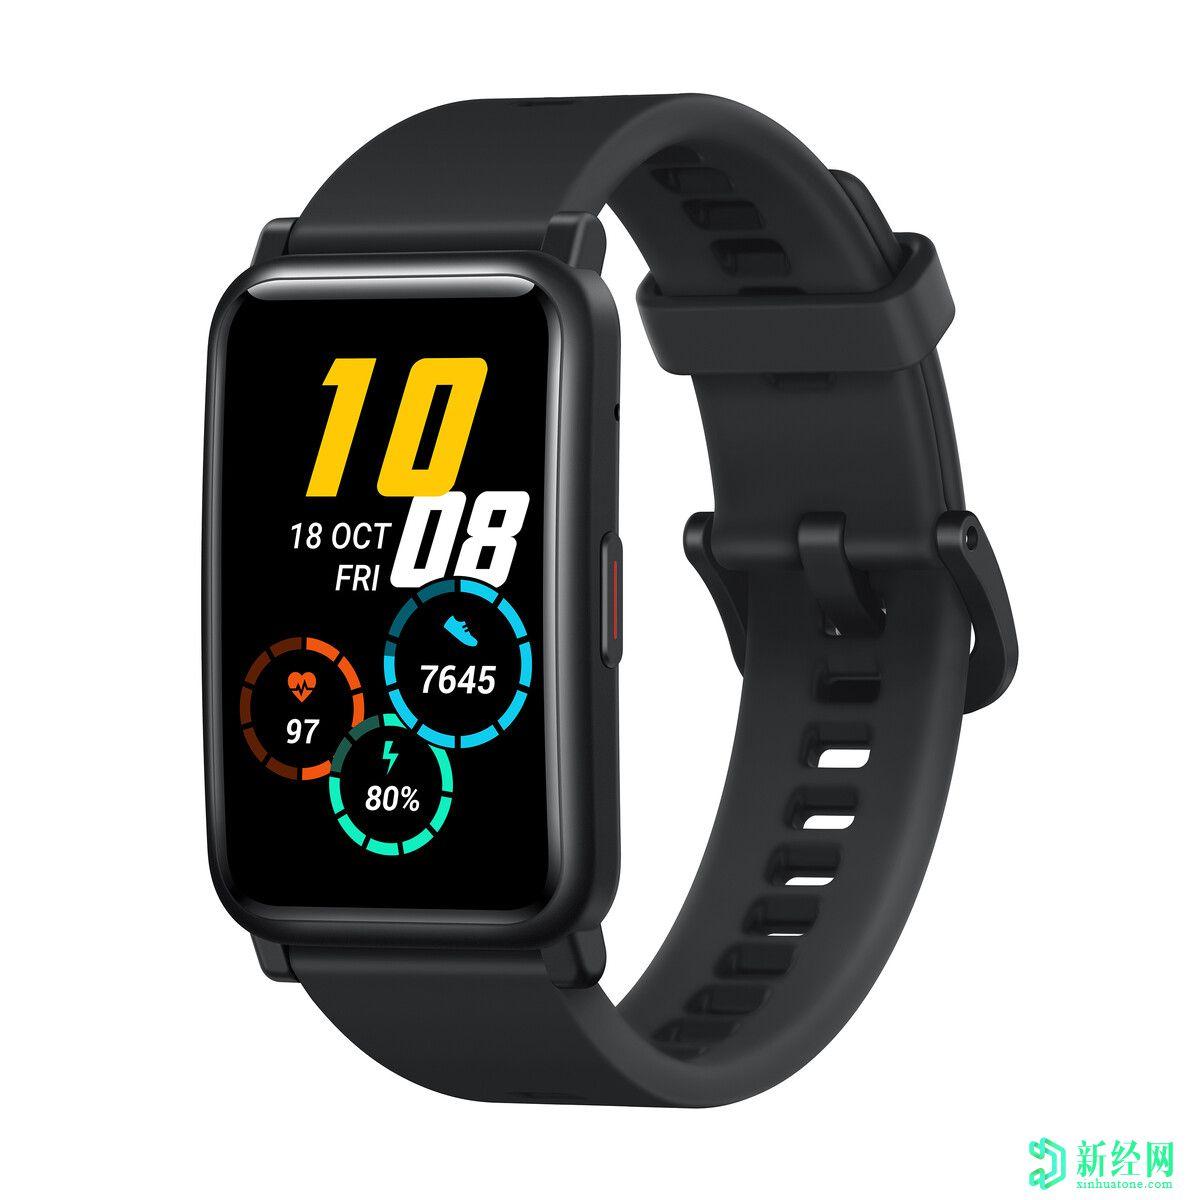 荣耀 Watch GS Pro和荣耀 Watch ES现在可以在中国进行预订了